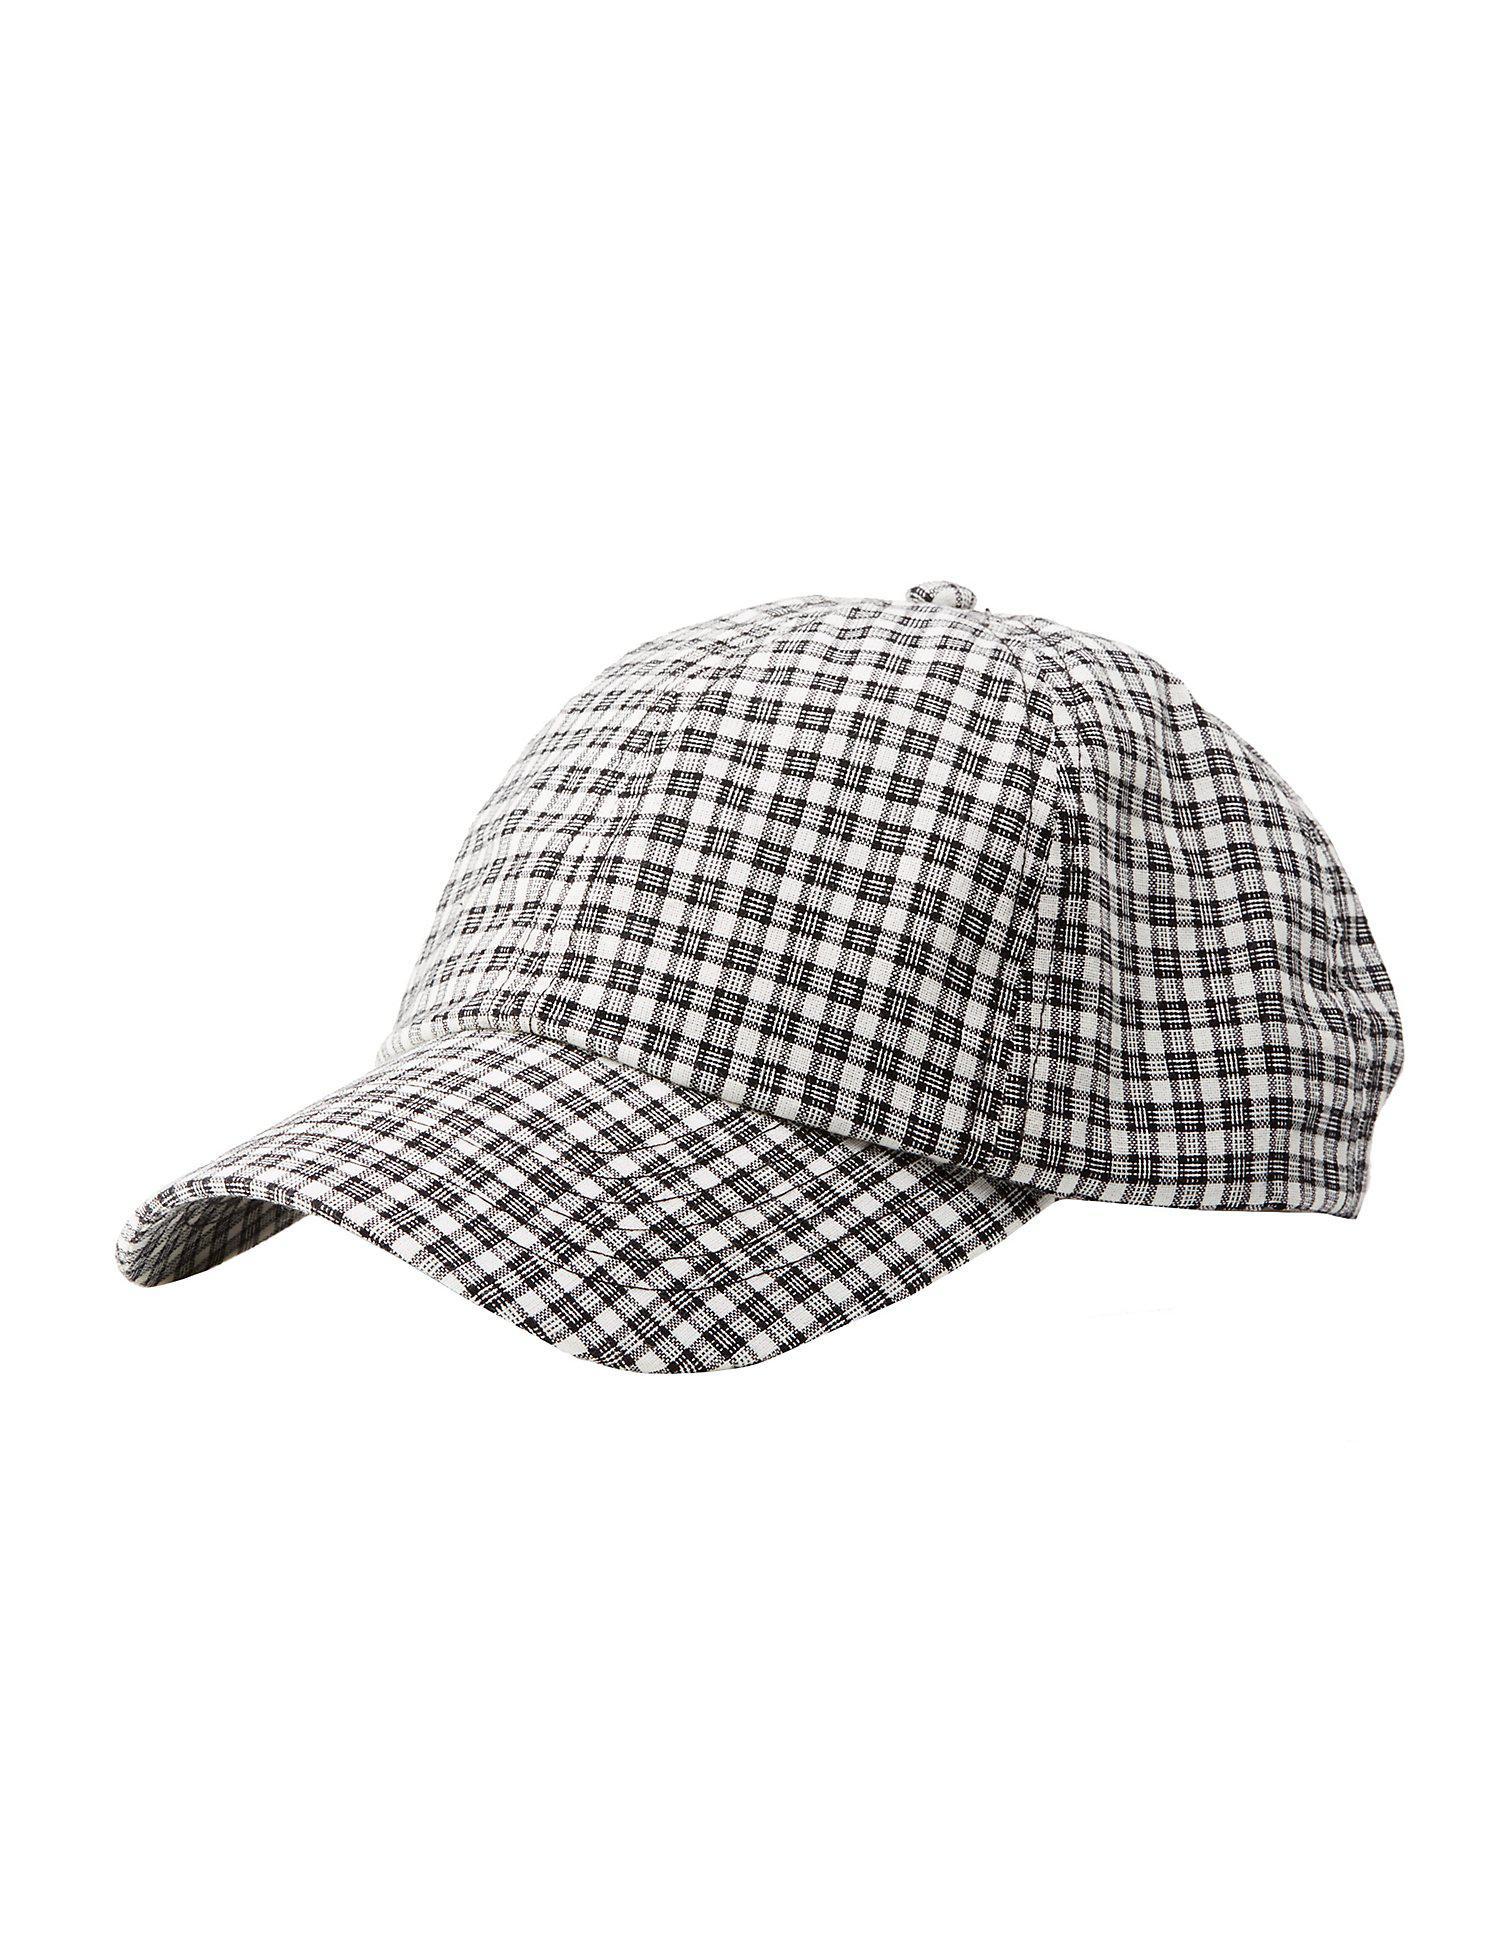 7f834e4c7b4702 Lyst - Charlotte Russe Gingham Baseball Hat in Black for Men